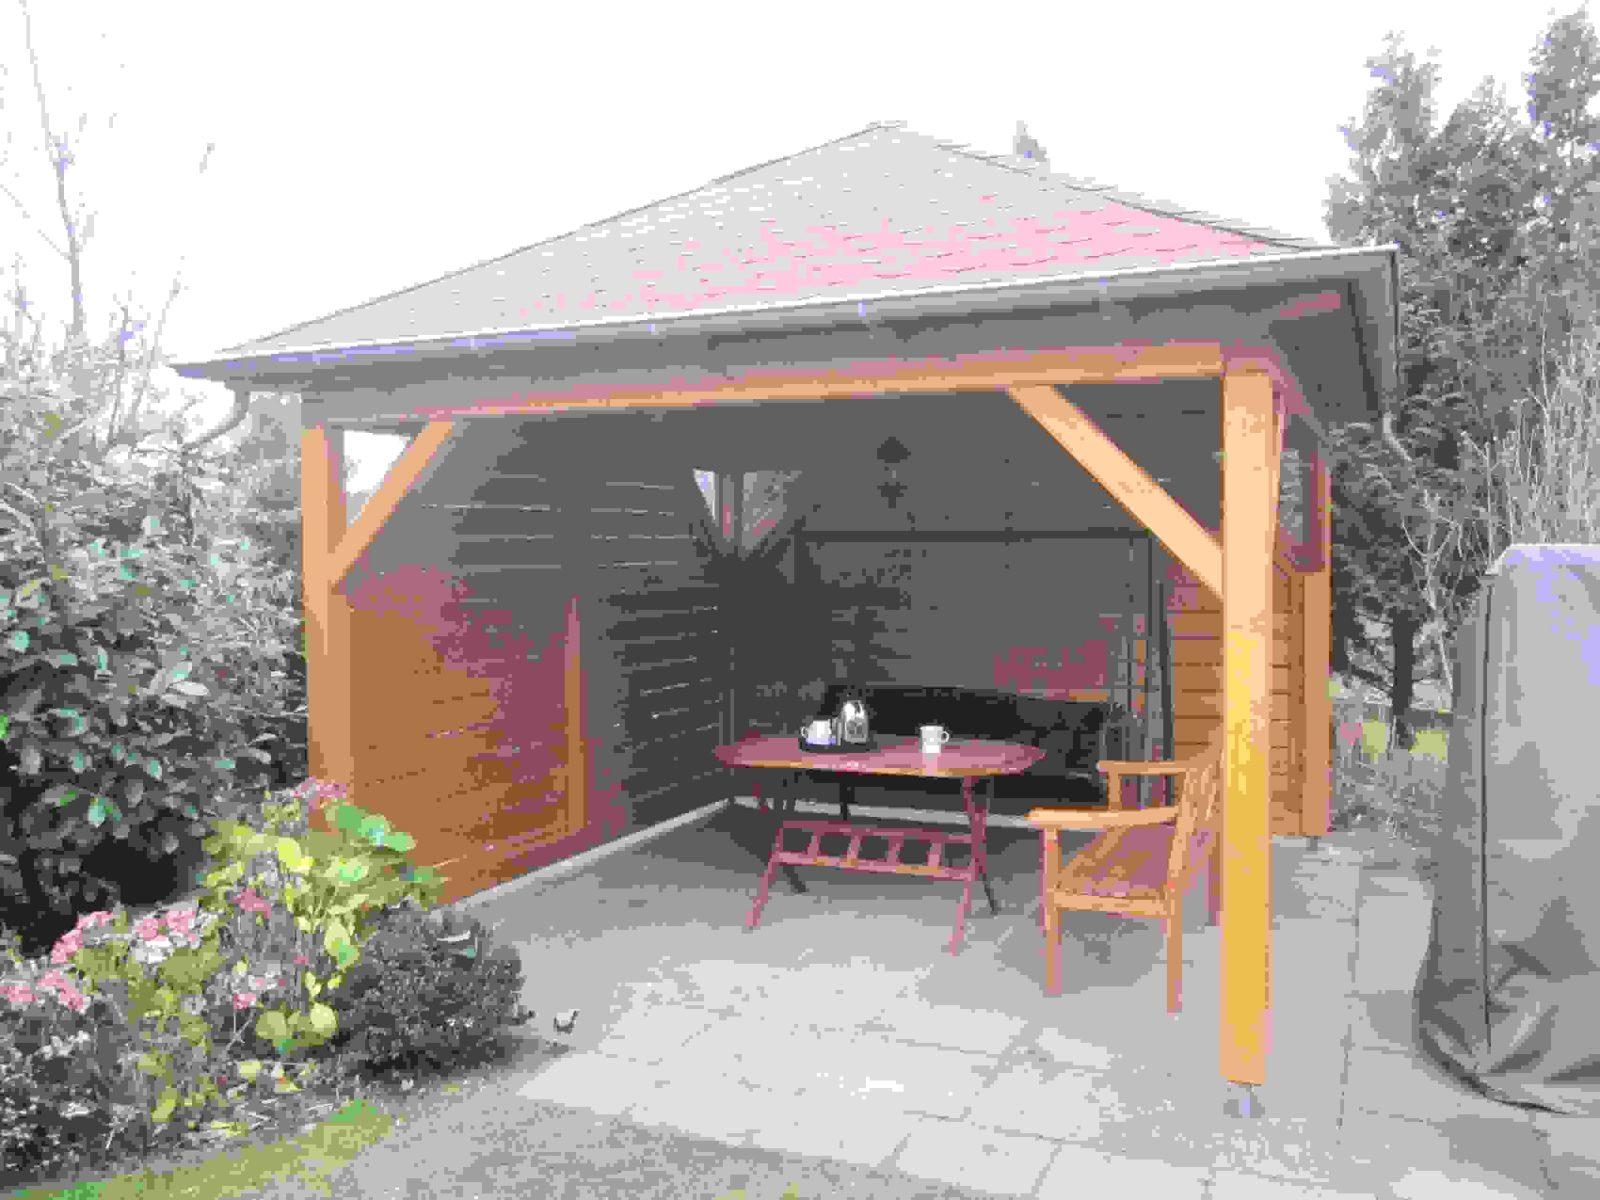 Frisch 40 Gartenpavillon Holz Selber Bauen Design  Einzigartiger Garten von Gartenpavillon Aus Holz Selber Bauen Bild